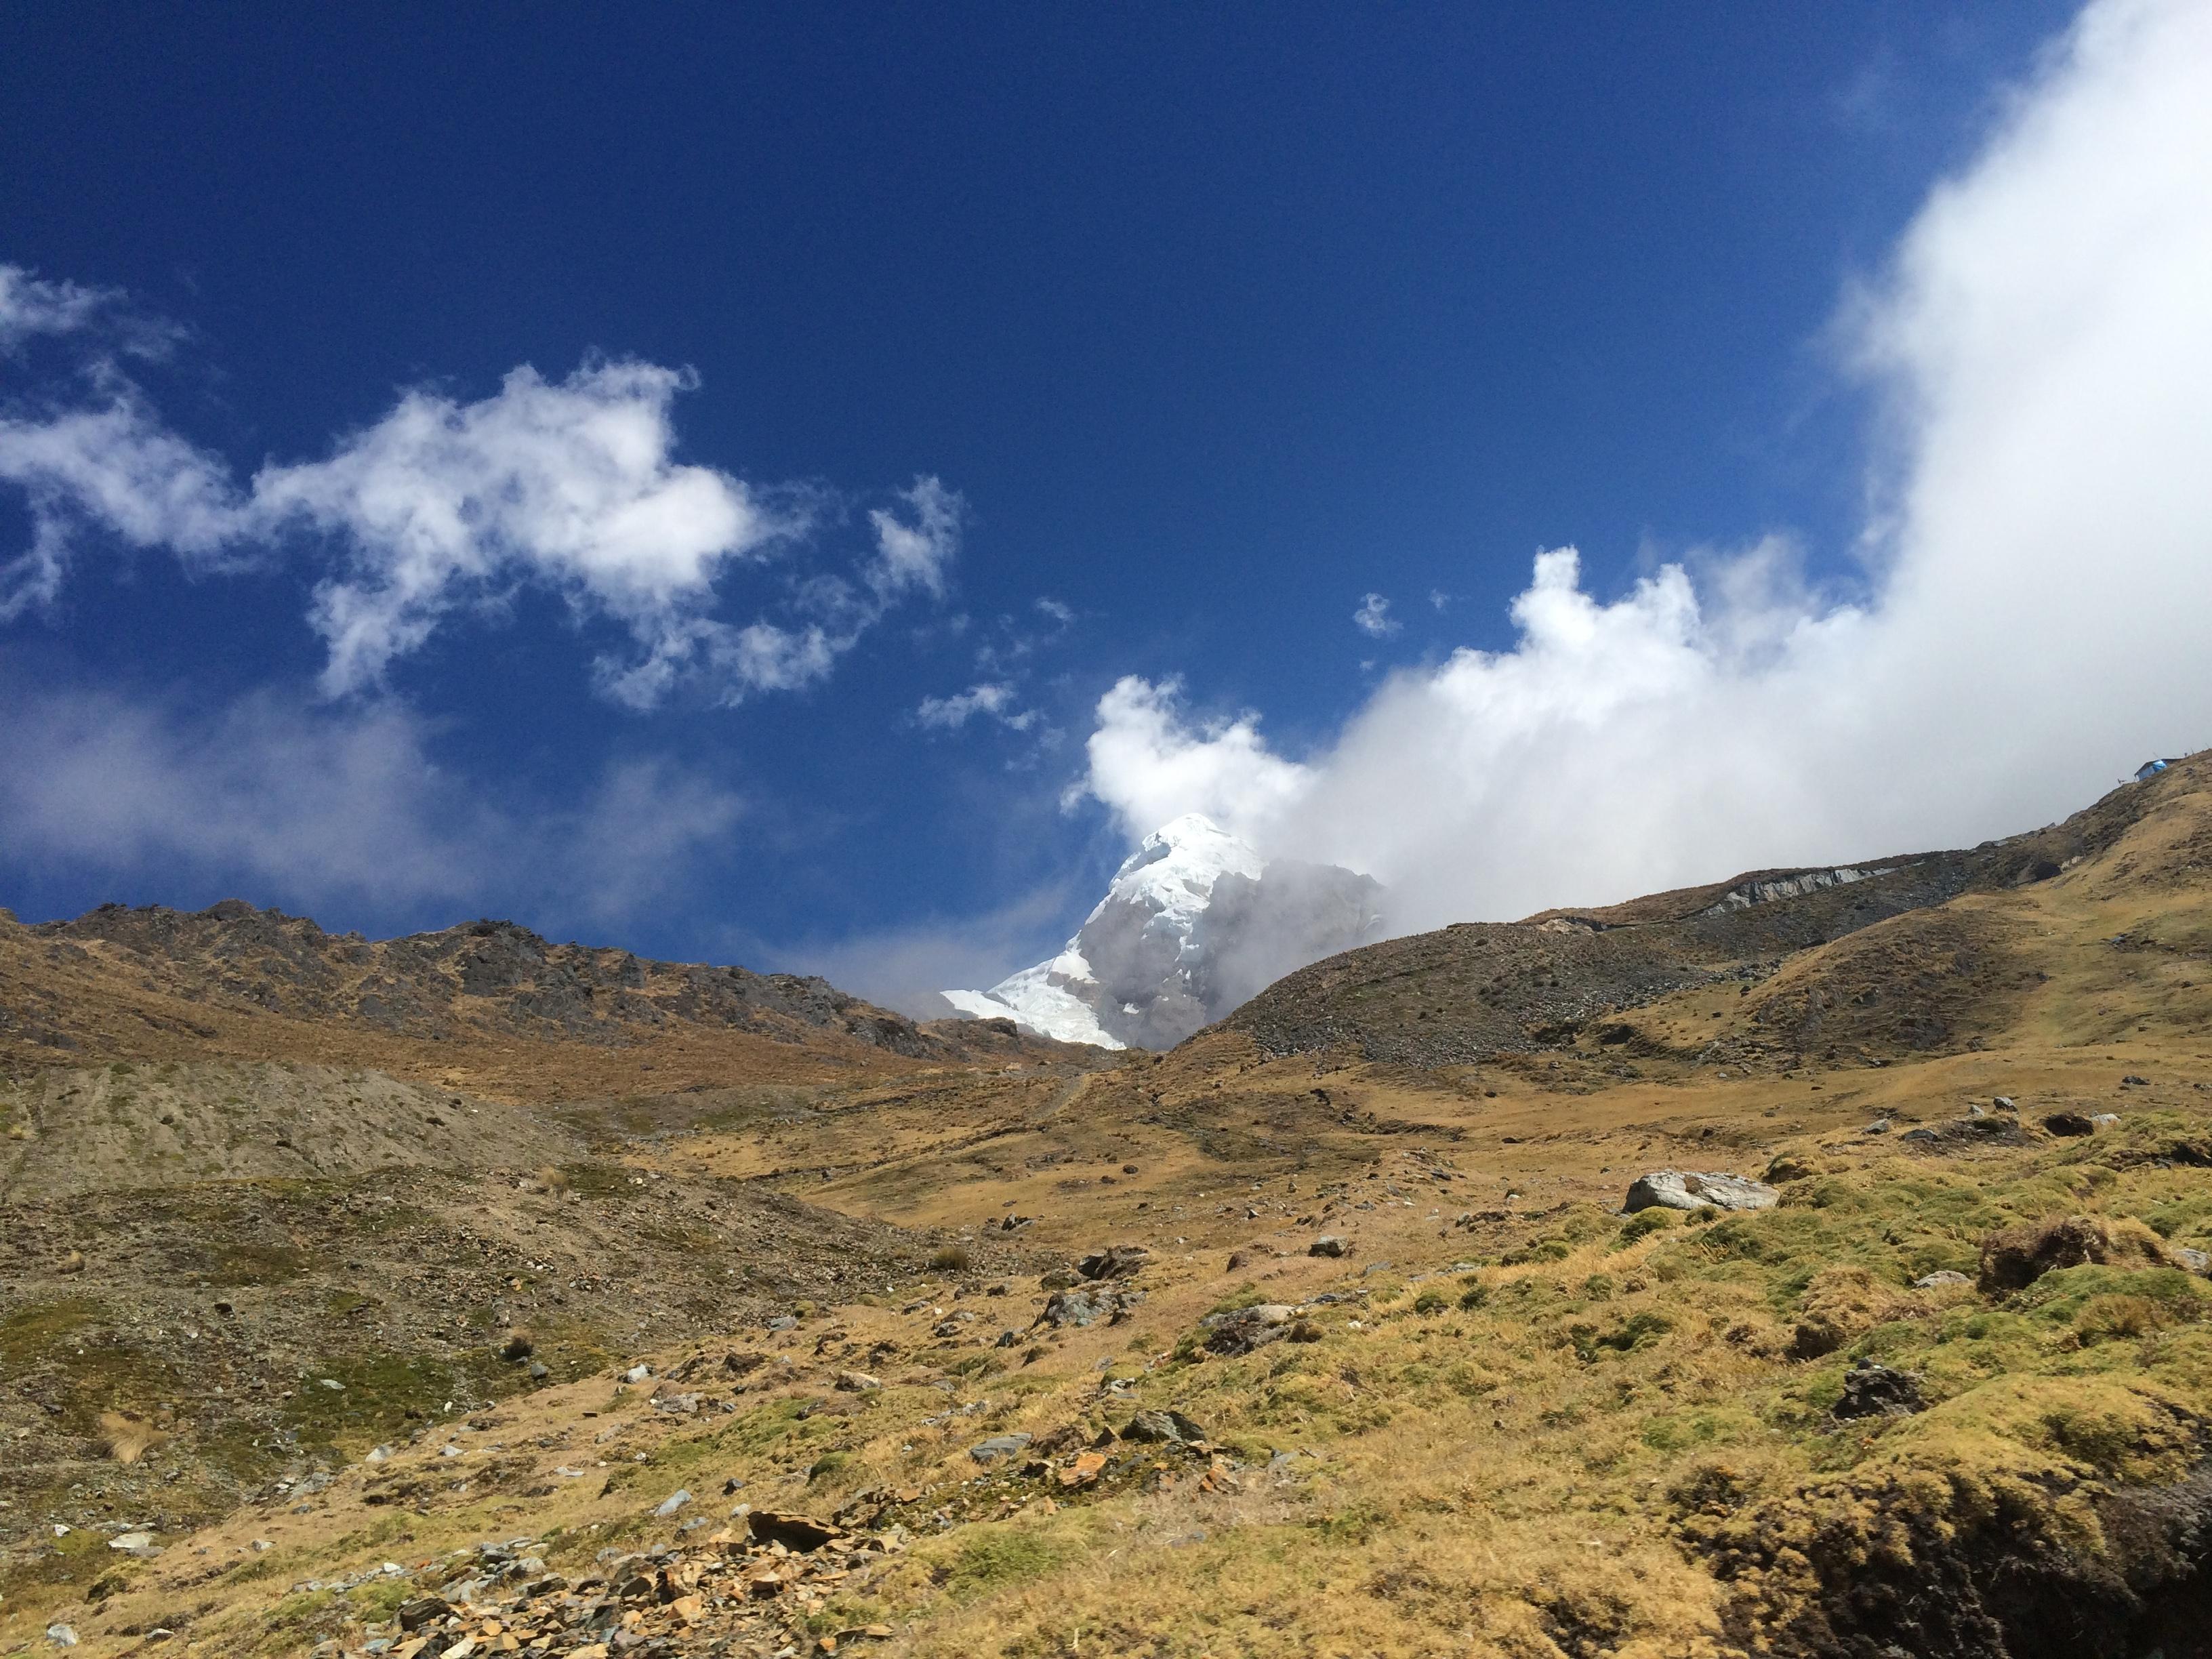 La ruta hacia Machu Picchu